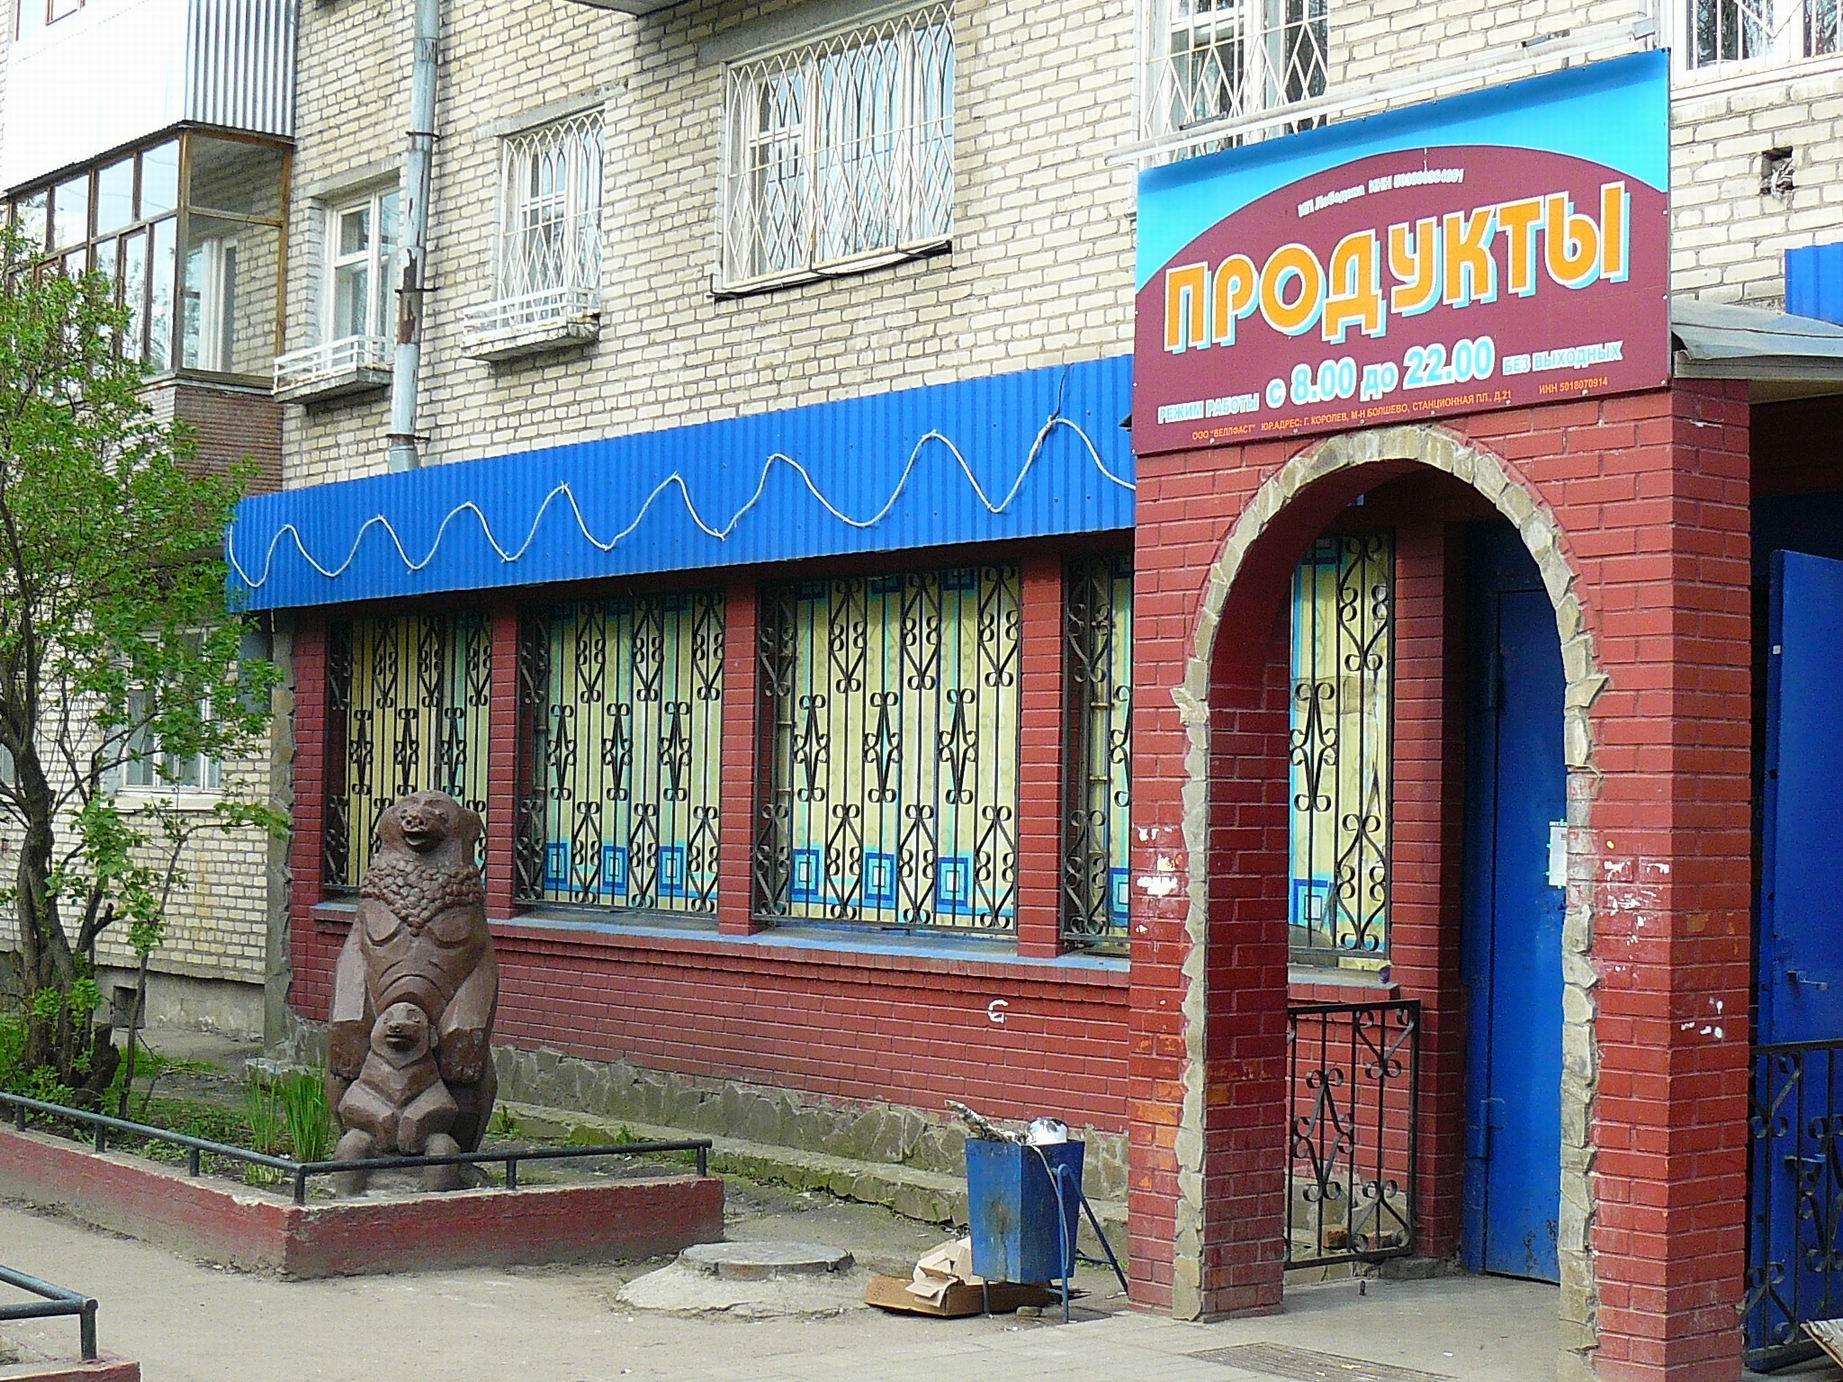 http://pics.livejournal.com/pushkino_2009/pic/000k2990